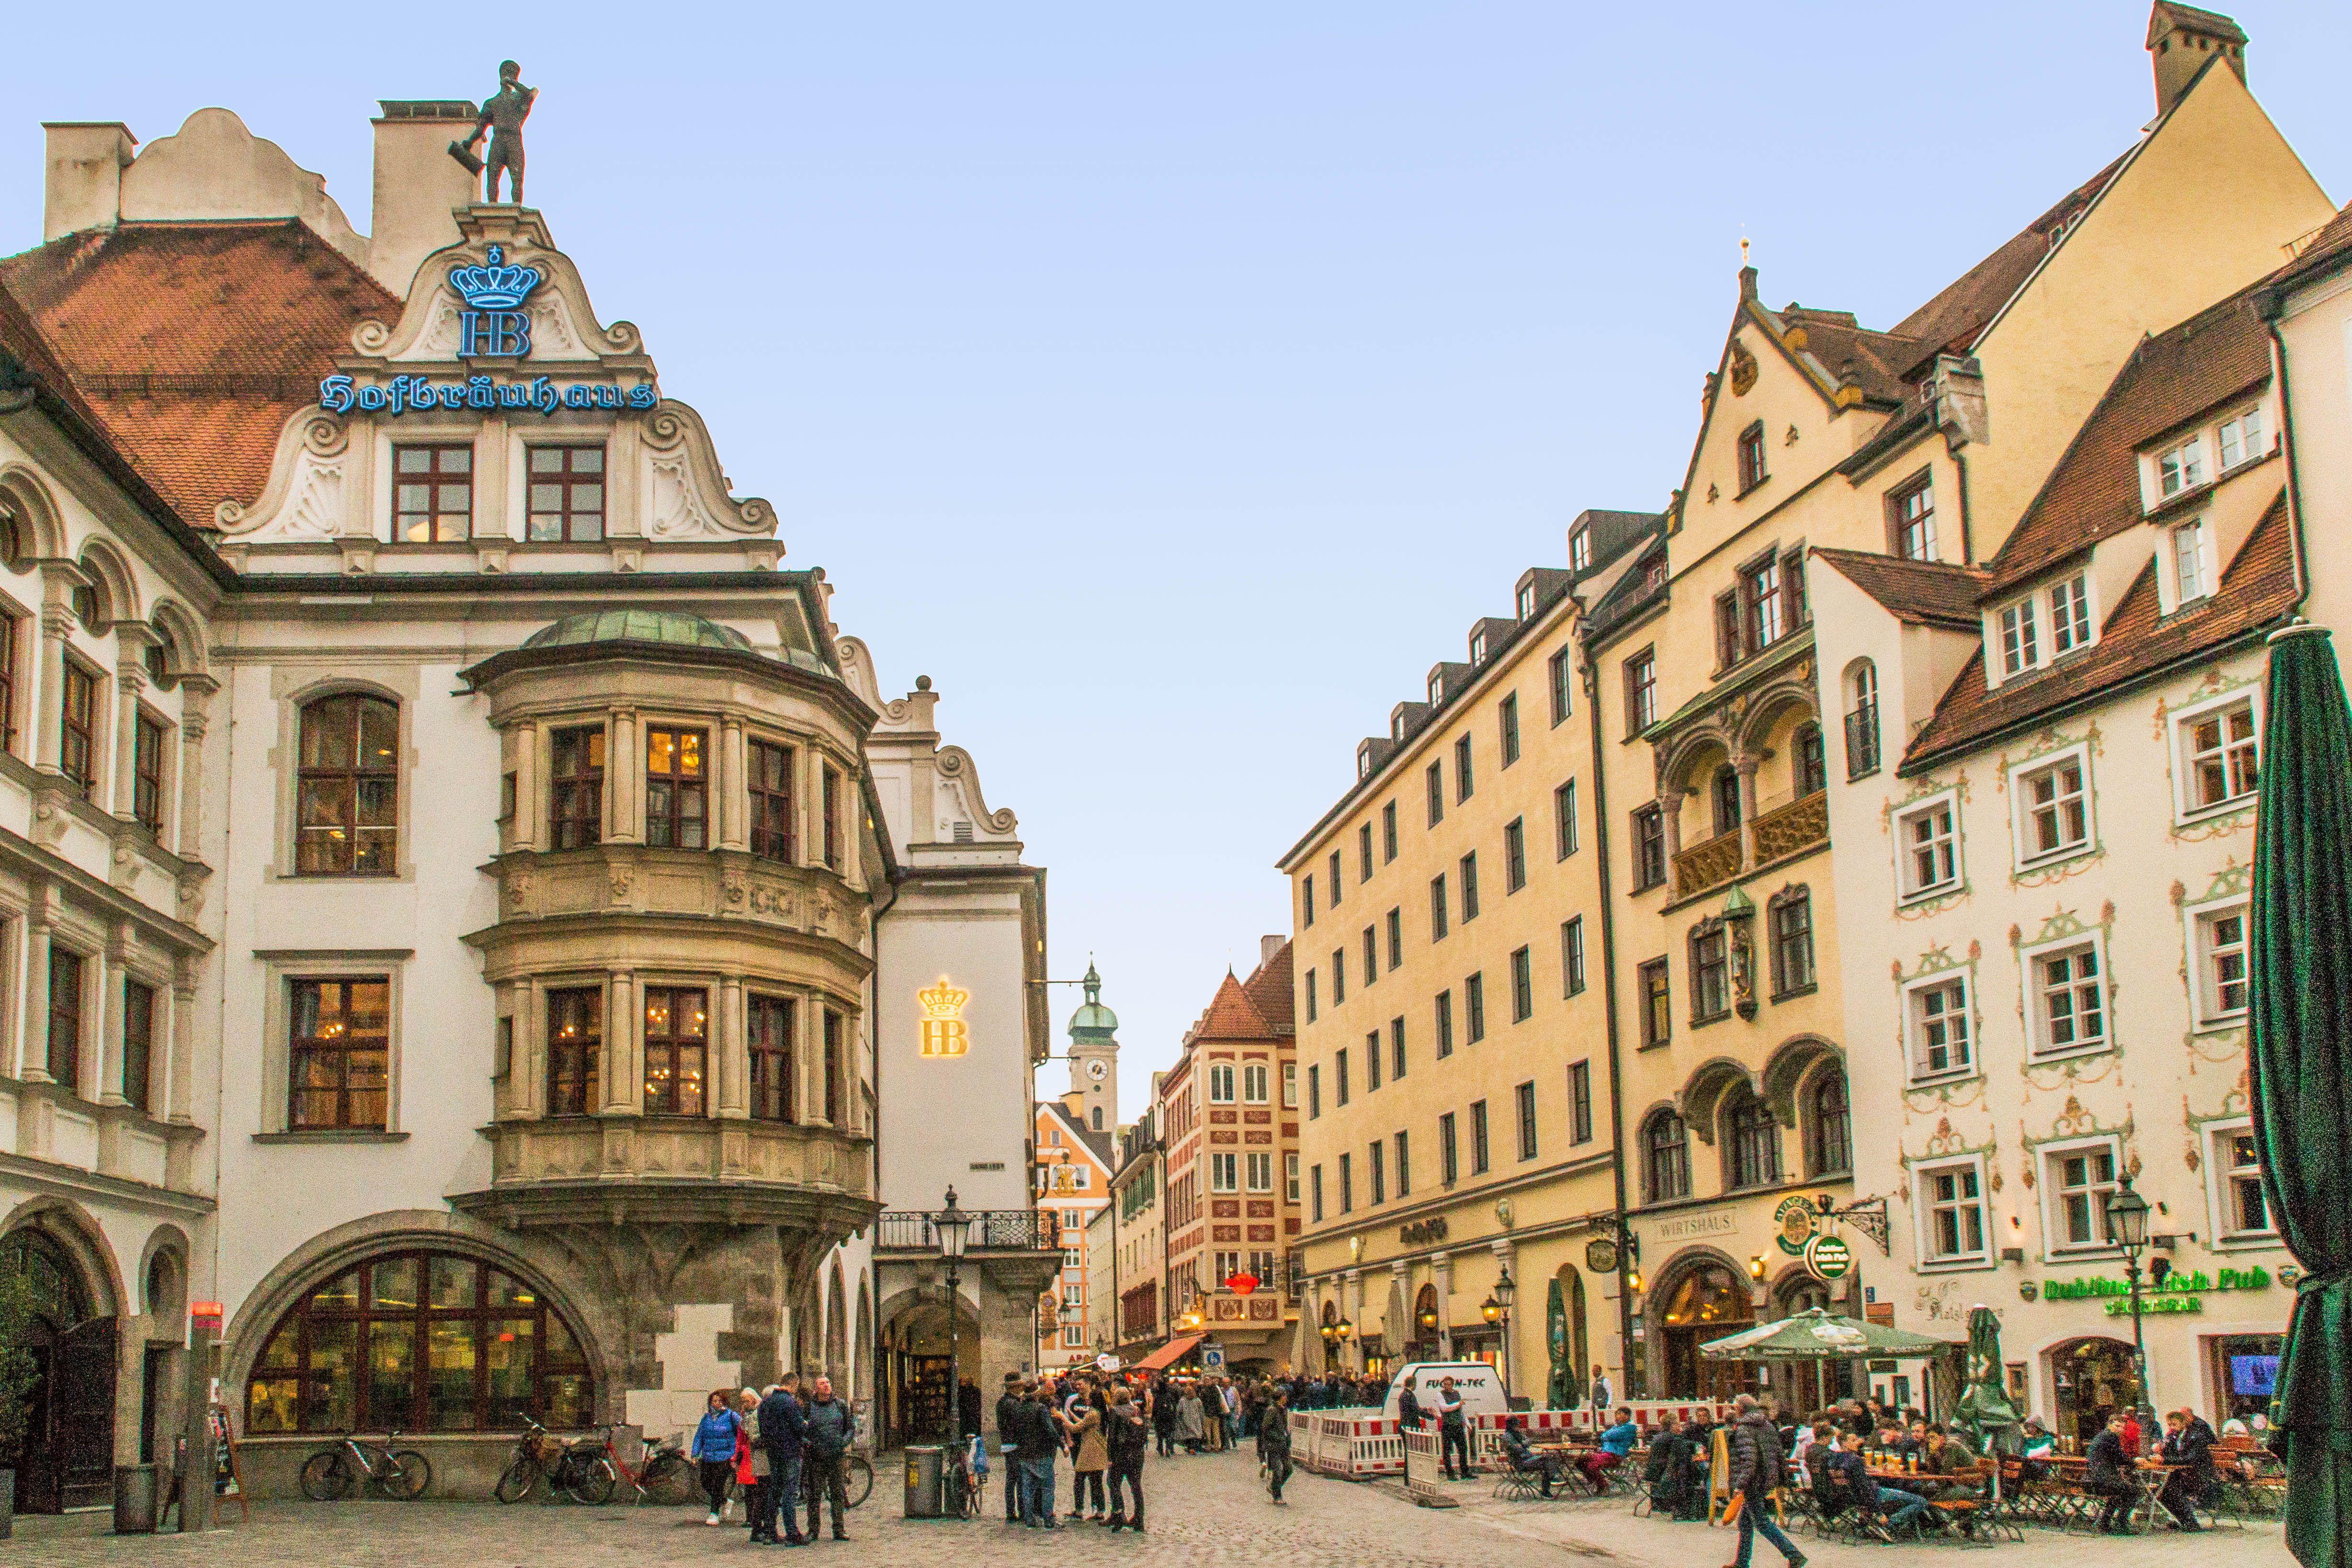 The City of Munich